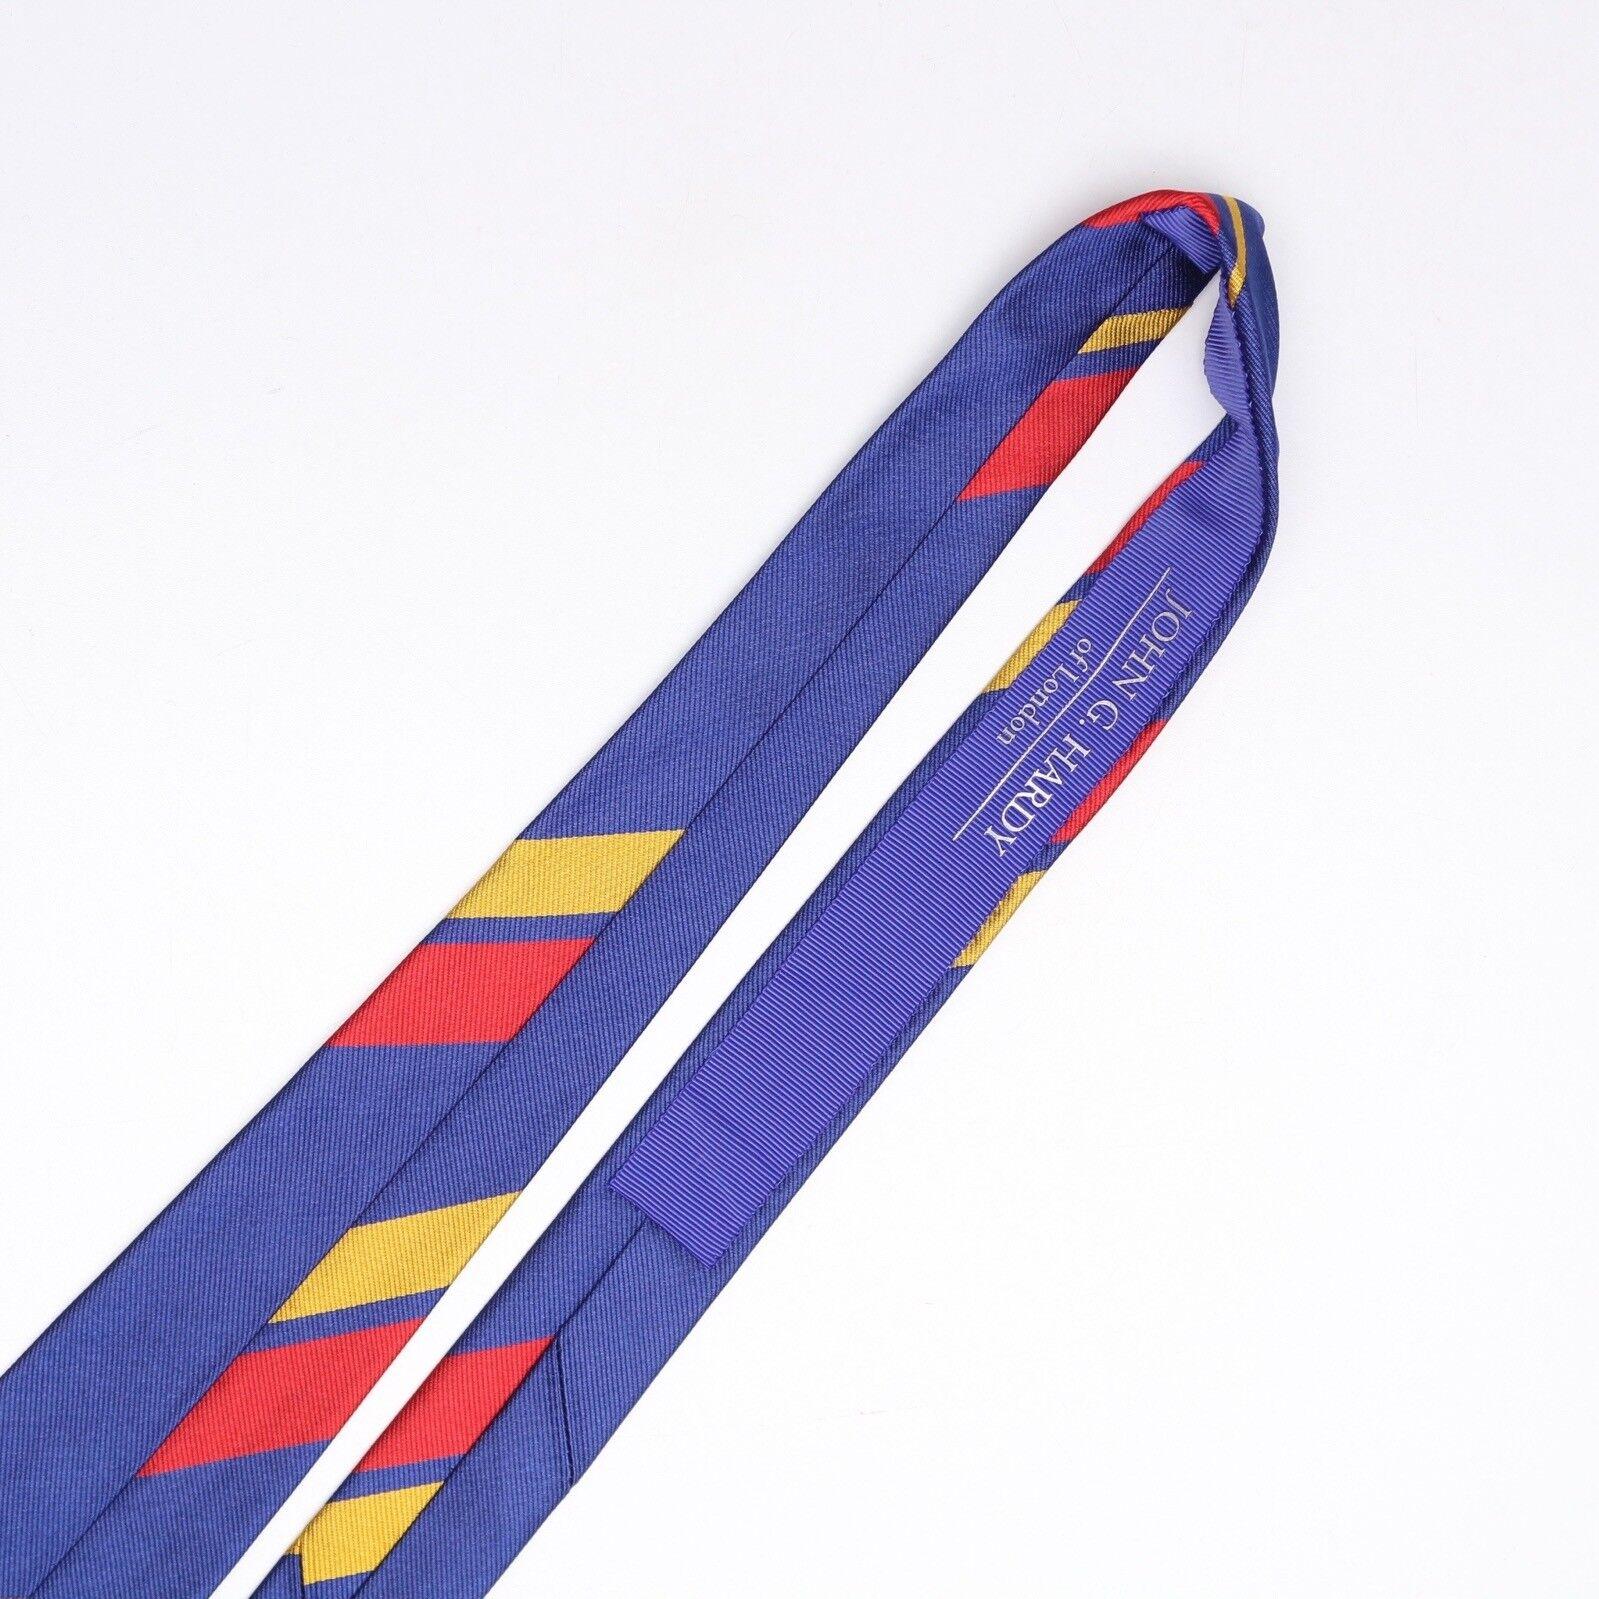 John G Hardy Herren Seidenkrawatte Seidenkrawatte Seidenkrawatte Groß Maßstab Regiment Streifen Blau Rot Gelb | Verpackungsvielfalt  680568